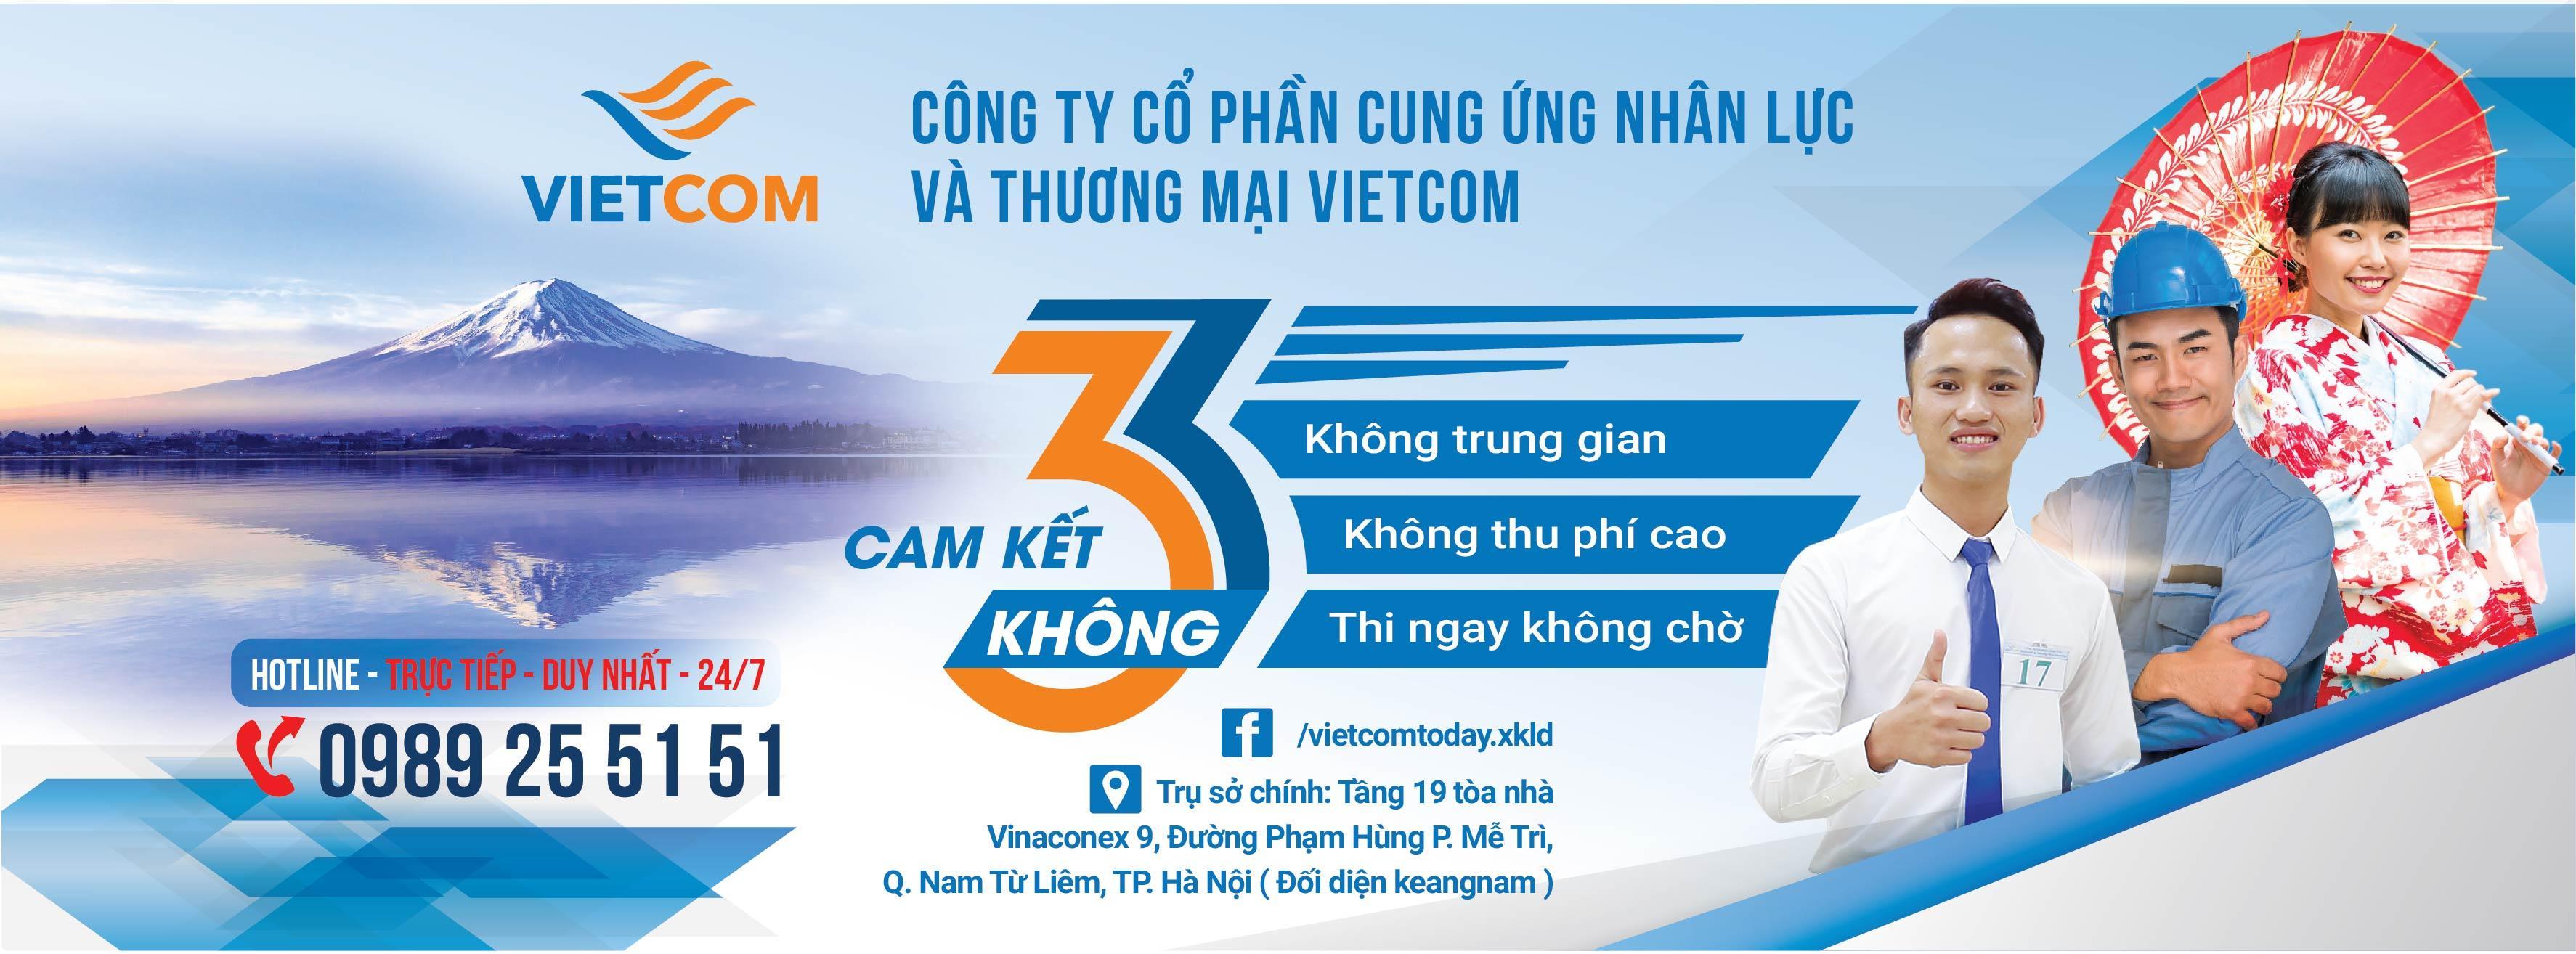 banner vietcomtoday.com